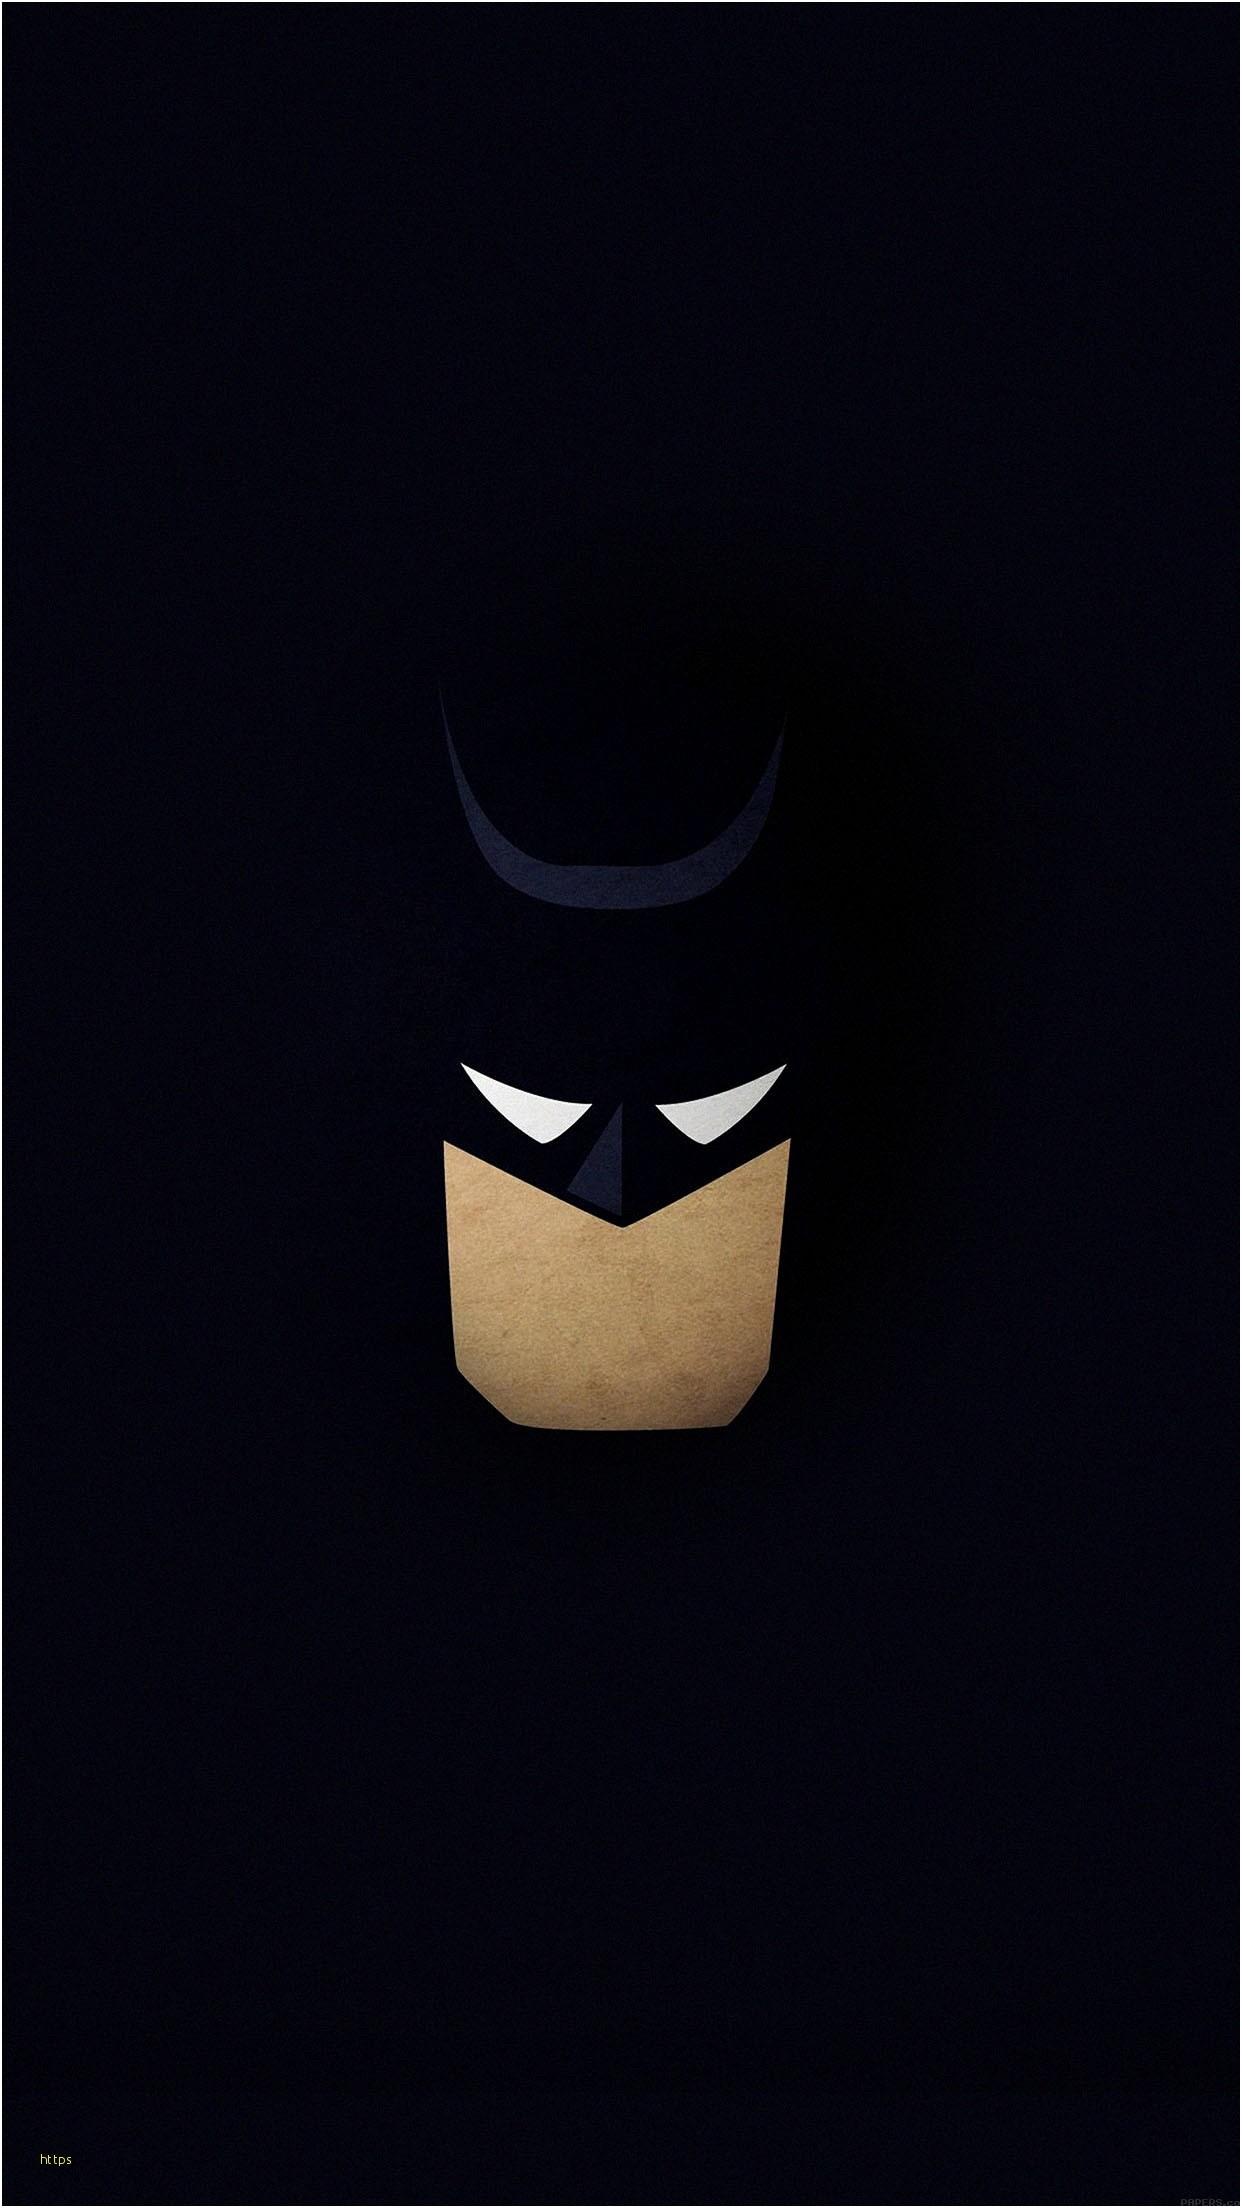 New Batman Logo Wallpaper 77 Images